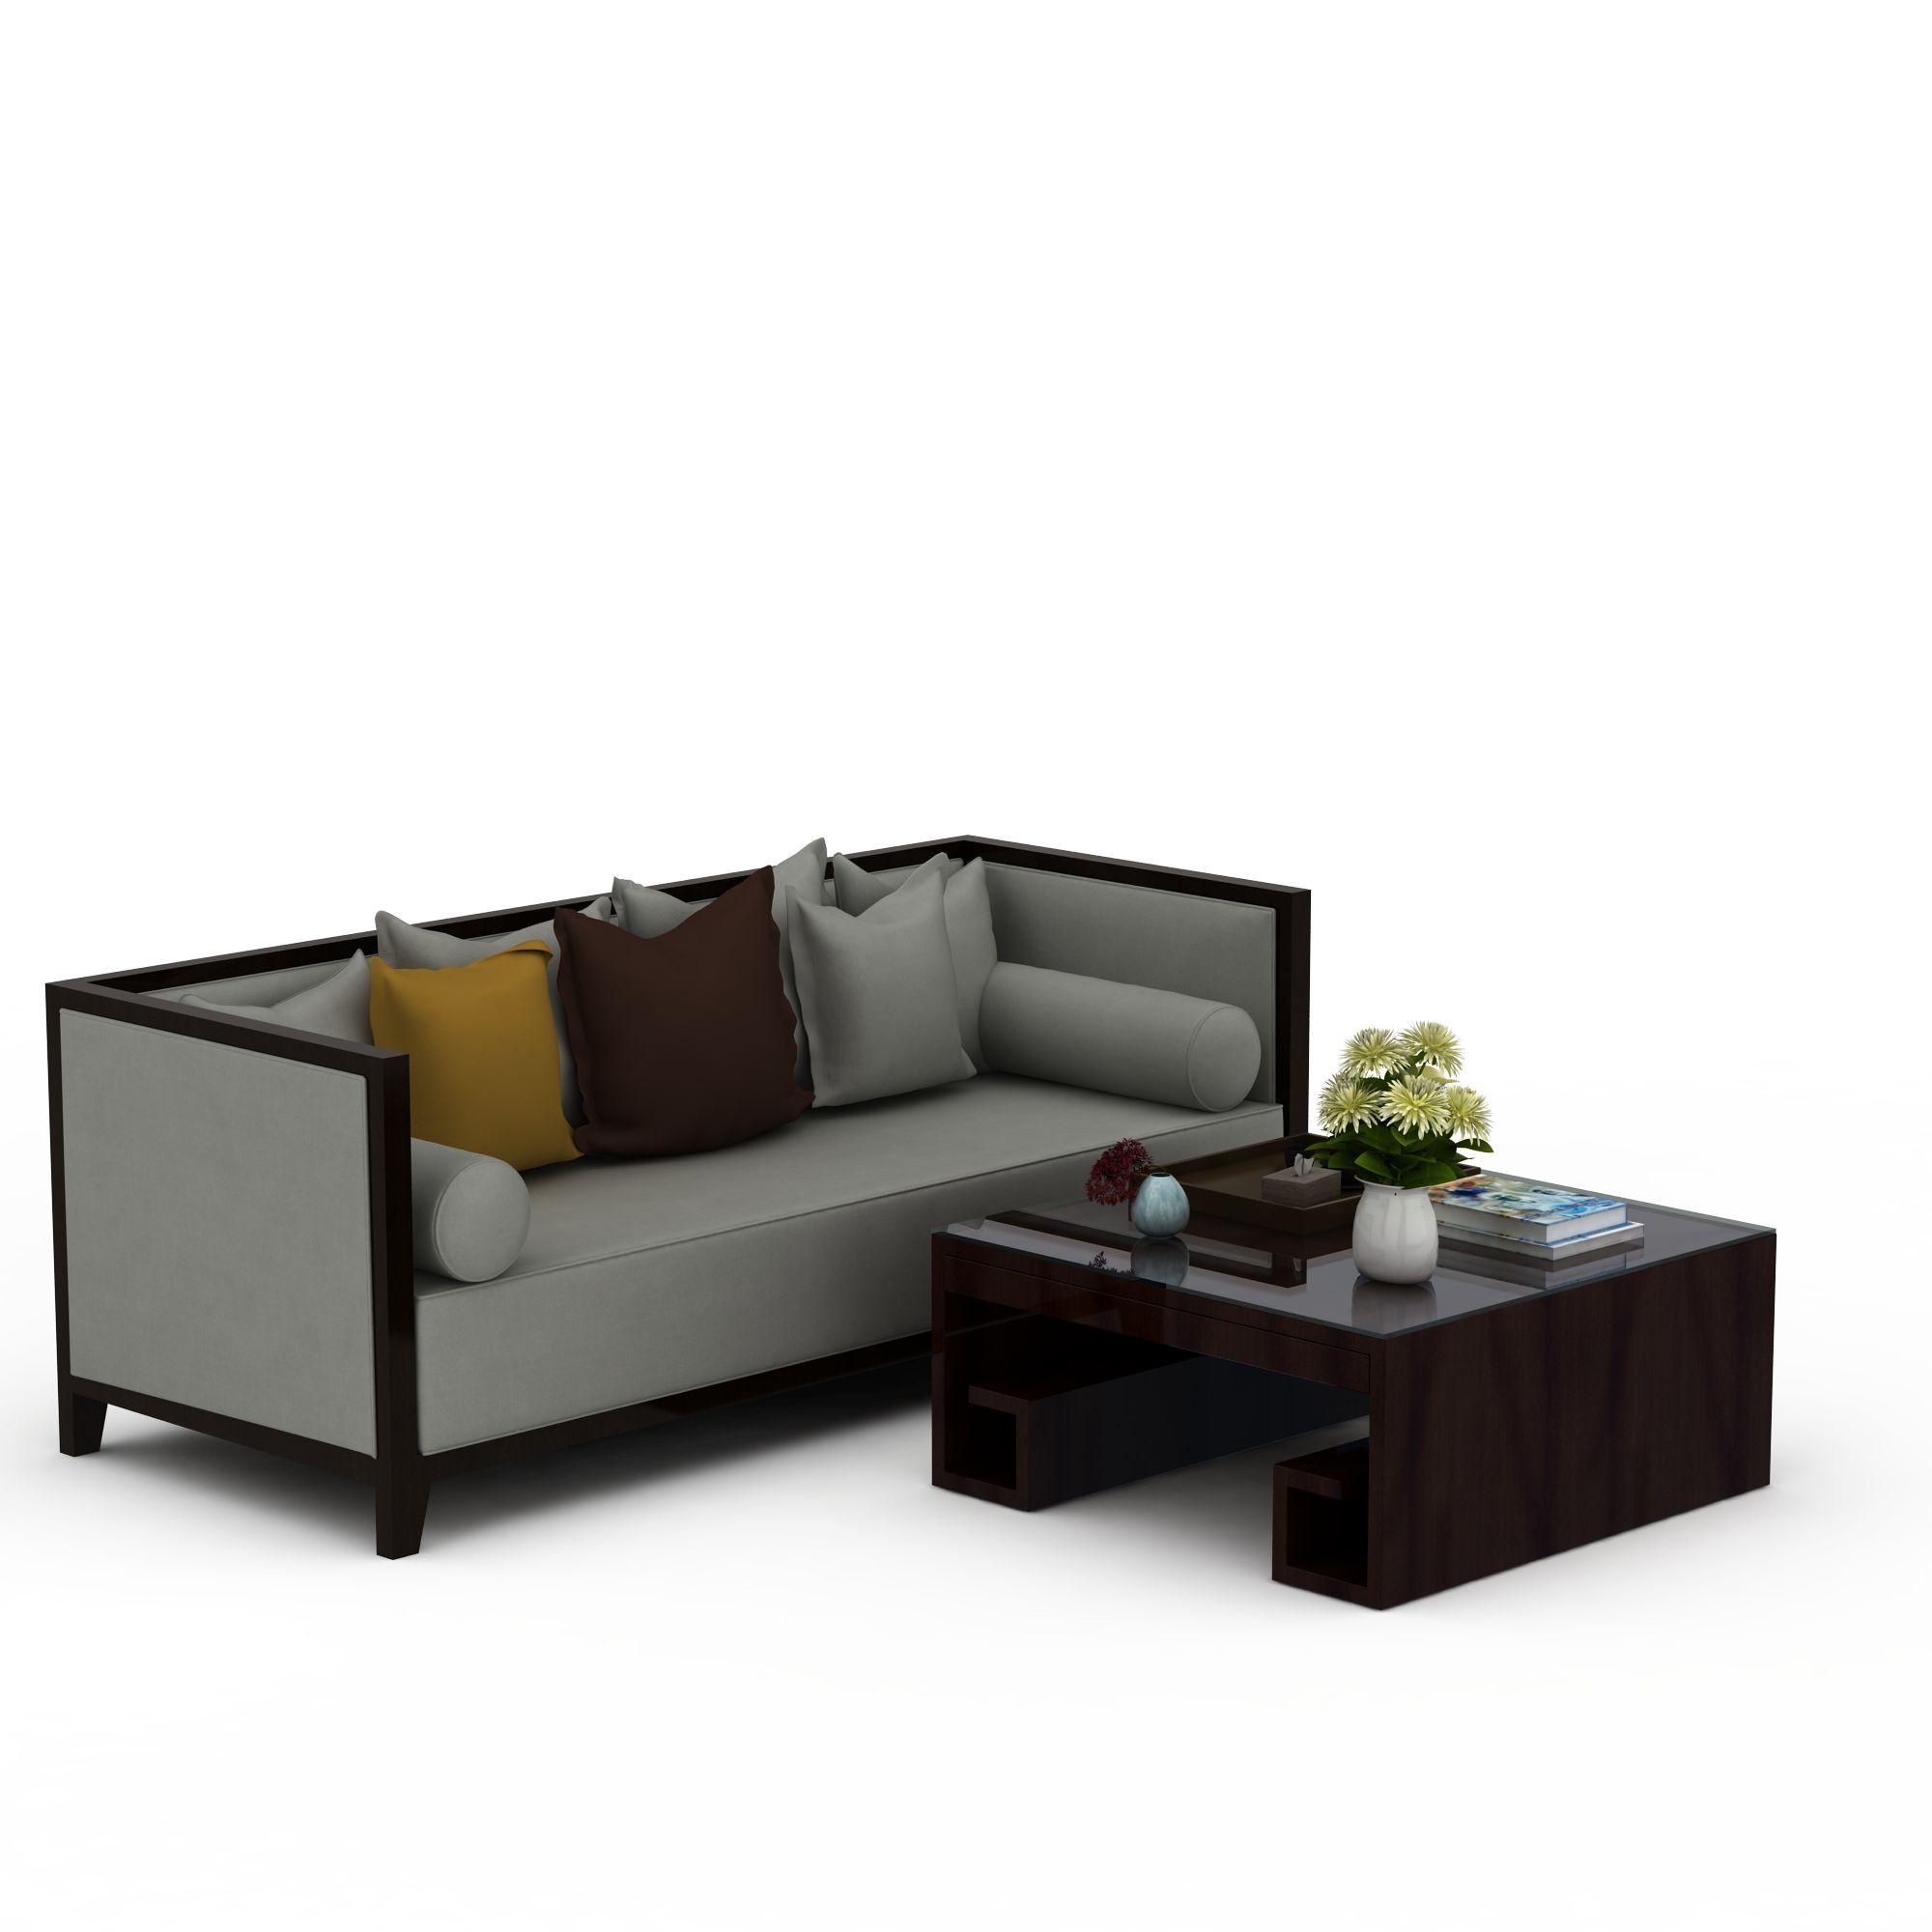 家具组合 沙发茶几组合 新中式沙发茶几组合3d模型 新中式沙发茶几